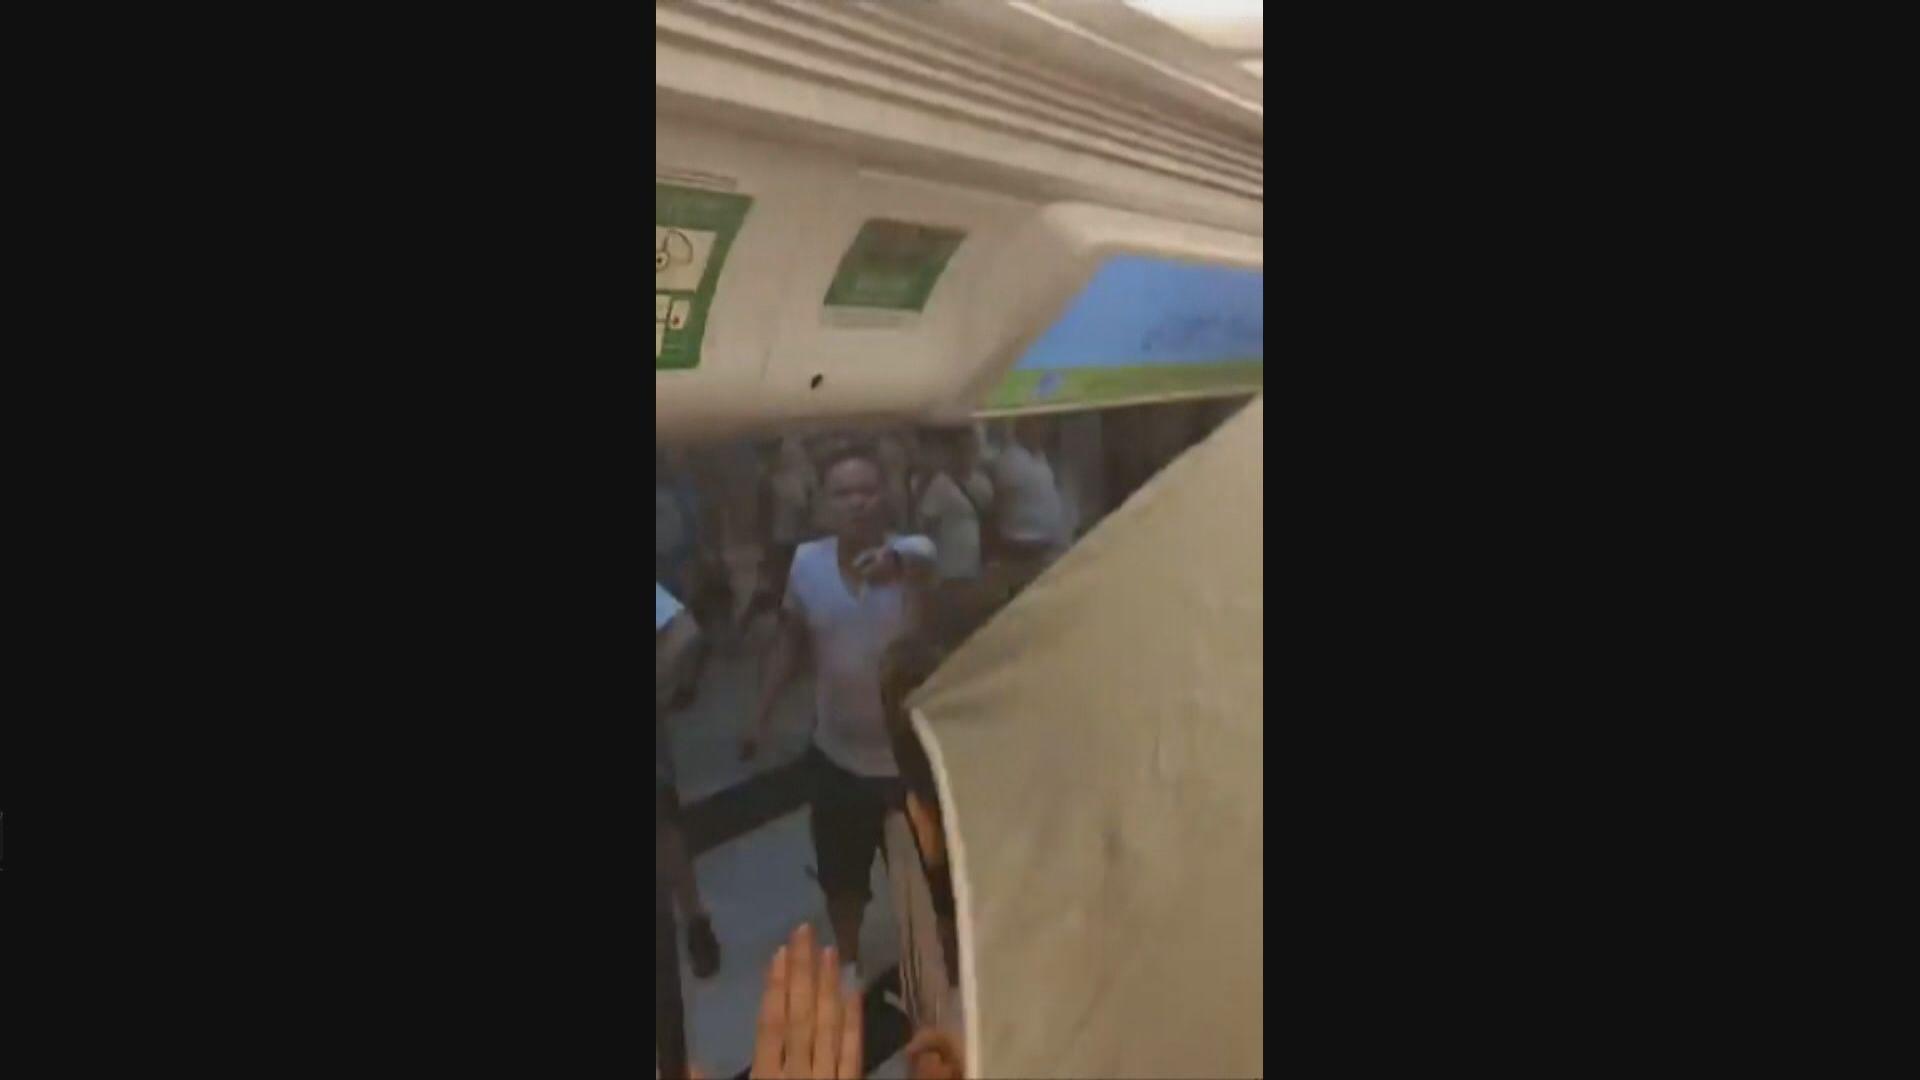 警方再拘一男子 涉與元朗721襲擊有關